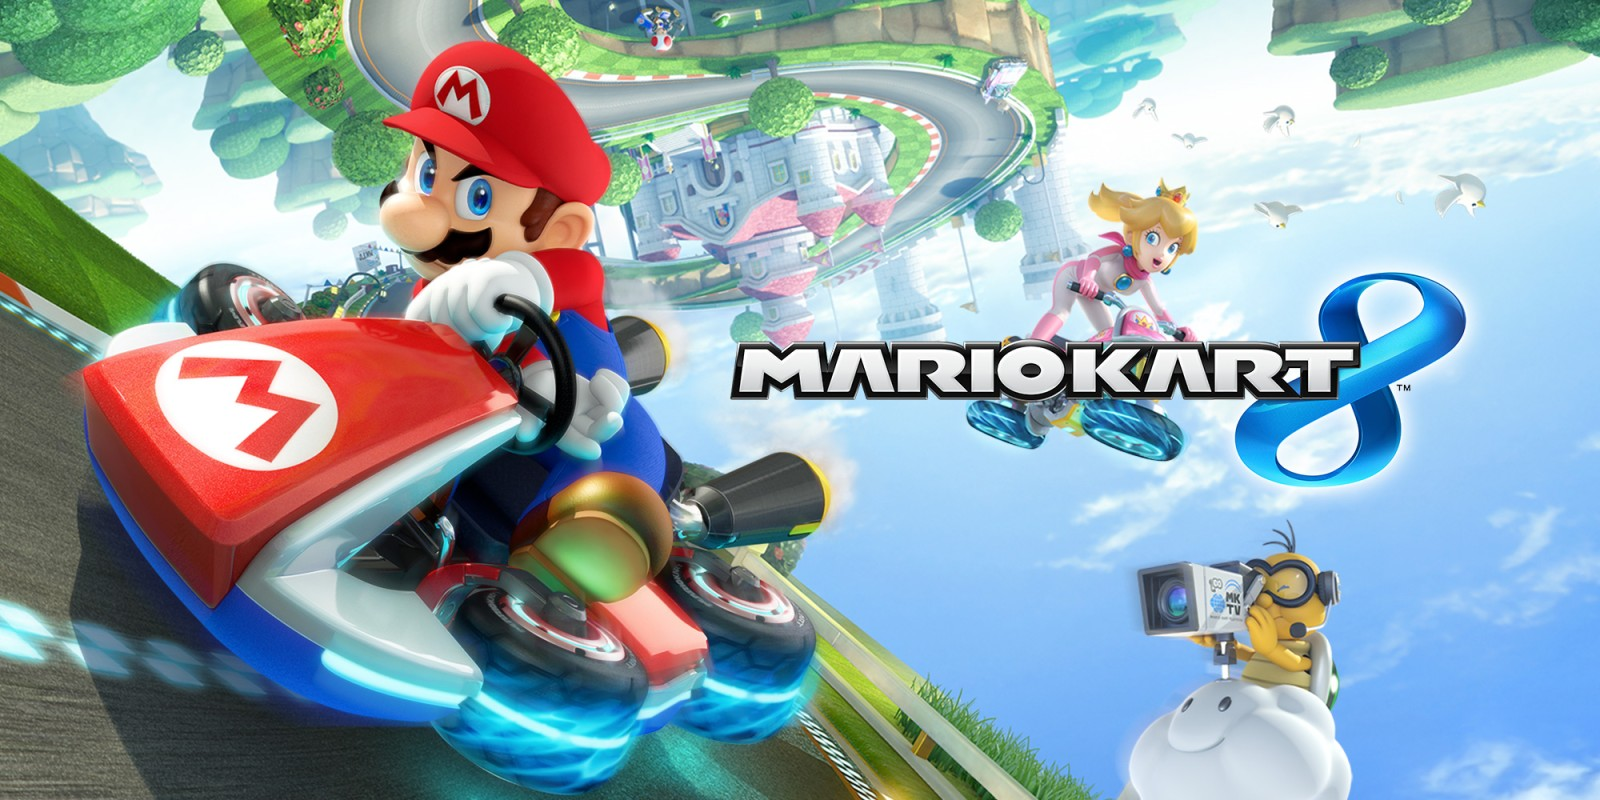 Tournoi de Mario Kart